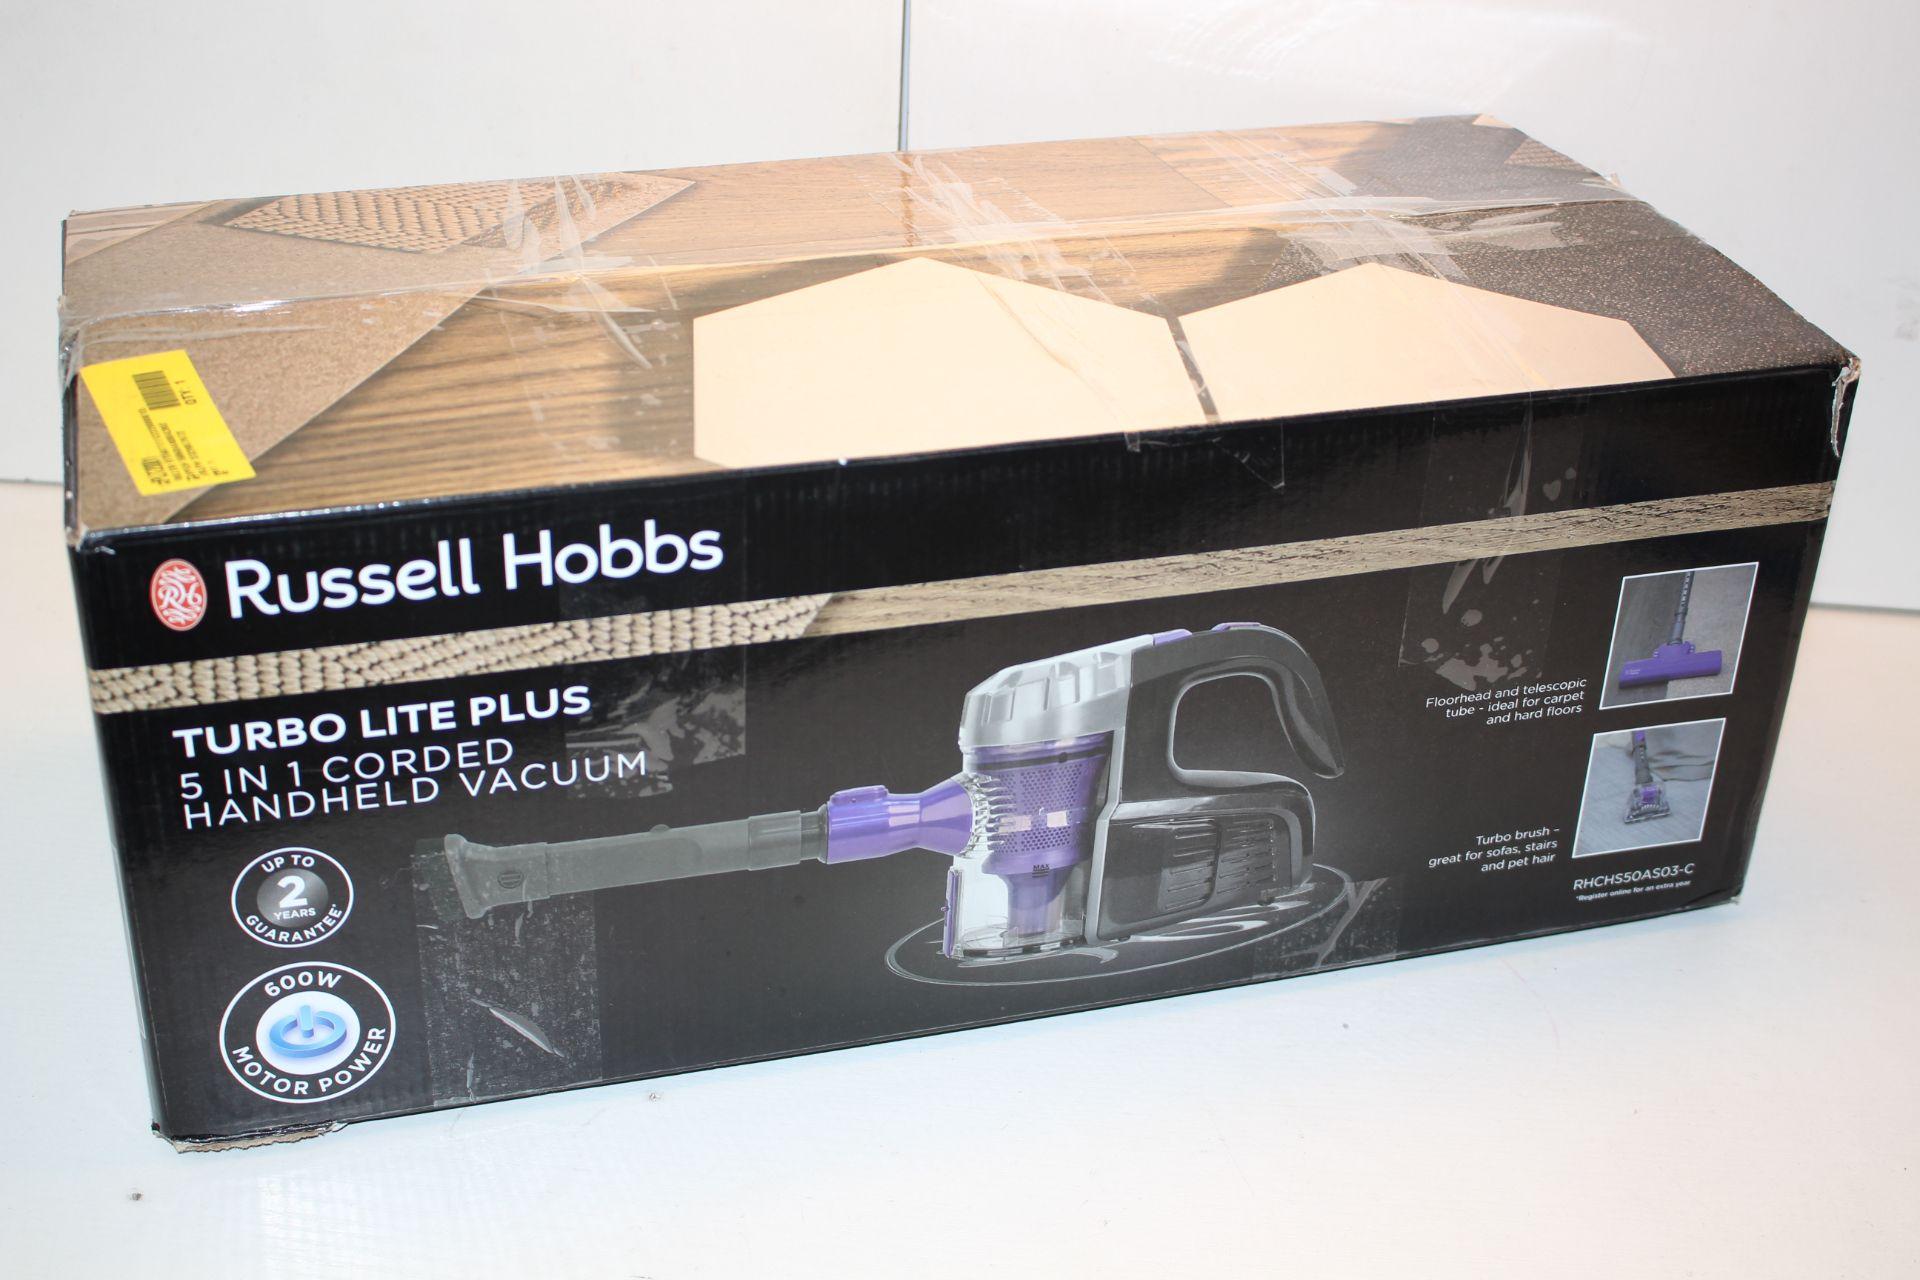 BOXED RUSSELL HOBBS TURBO LITE PLUS 5-IN-1 CORDED HANDHELD VACUUM MODEL: RHCHS50ASO3-C RRP £59.